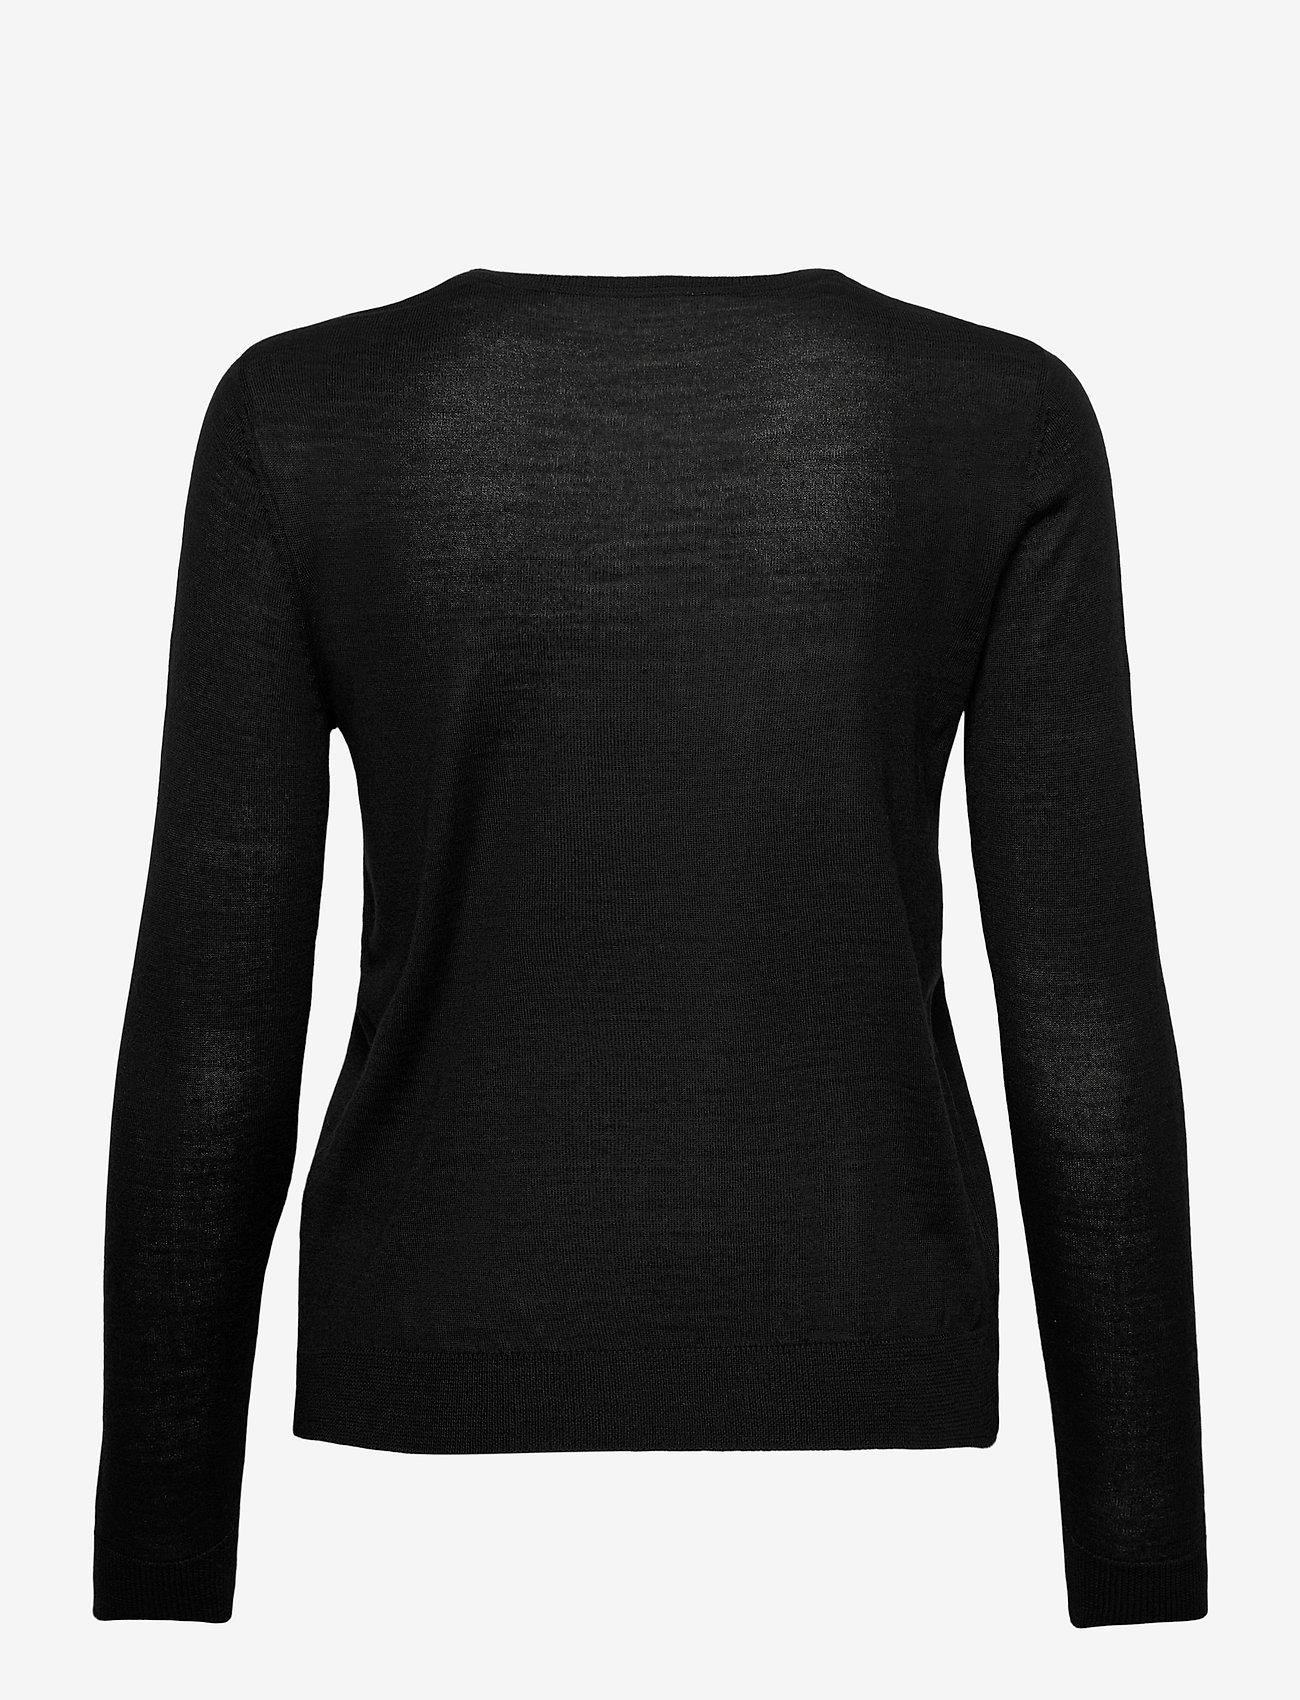 Rosemunde - Merino pullover ls - truien - black - 1